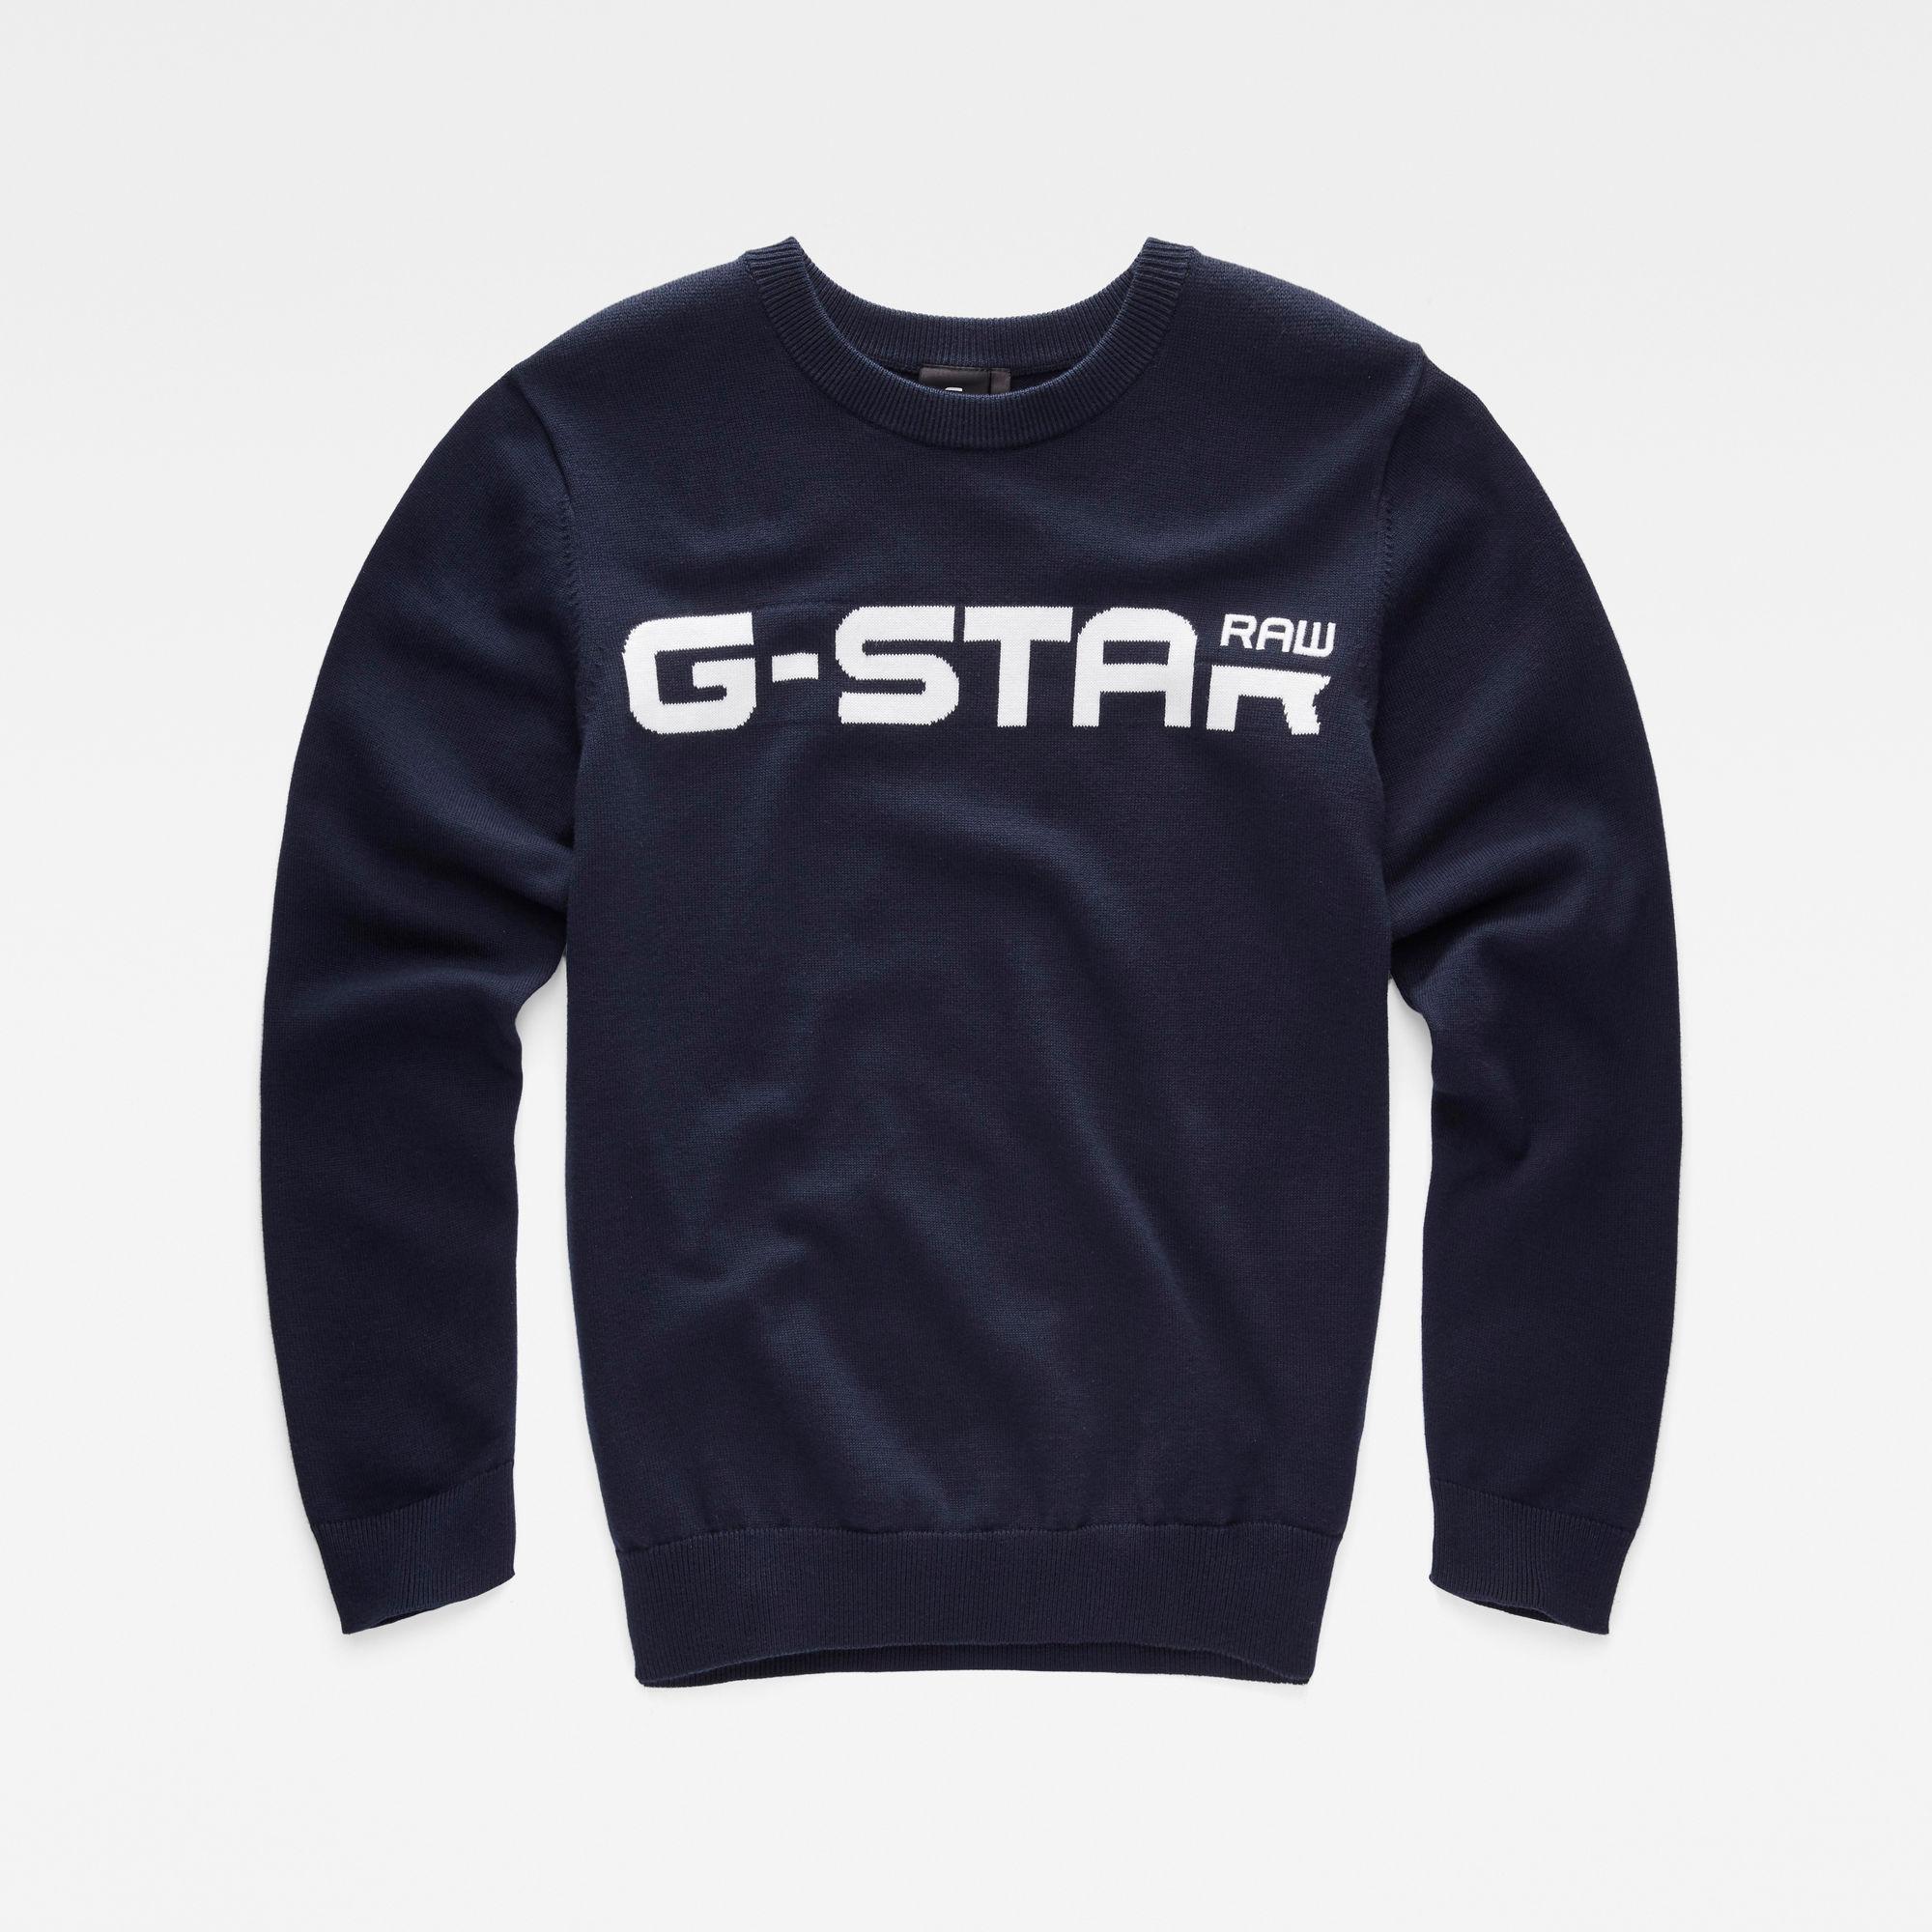 G-Star RAW Jongens Gebreide sweater Donkerblauw